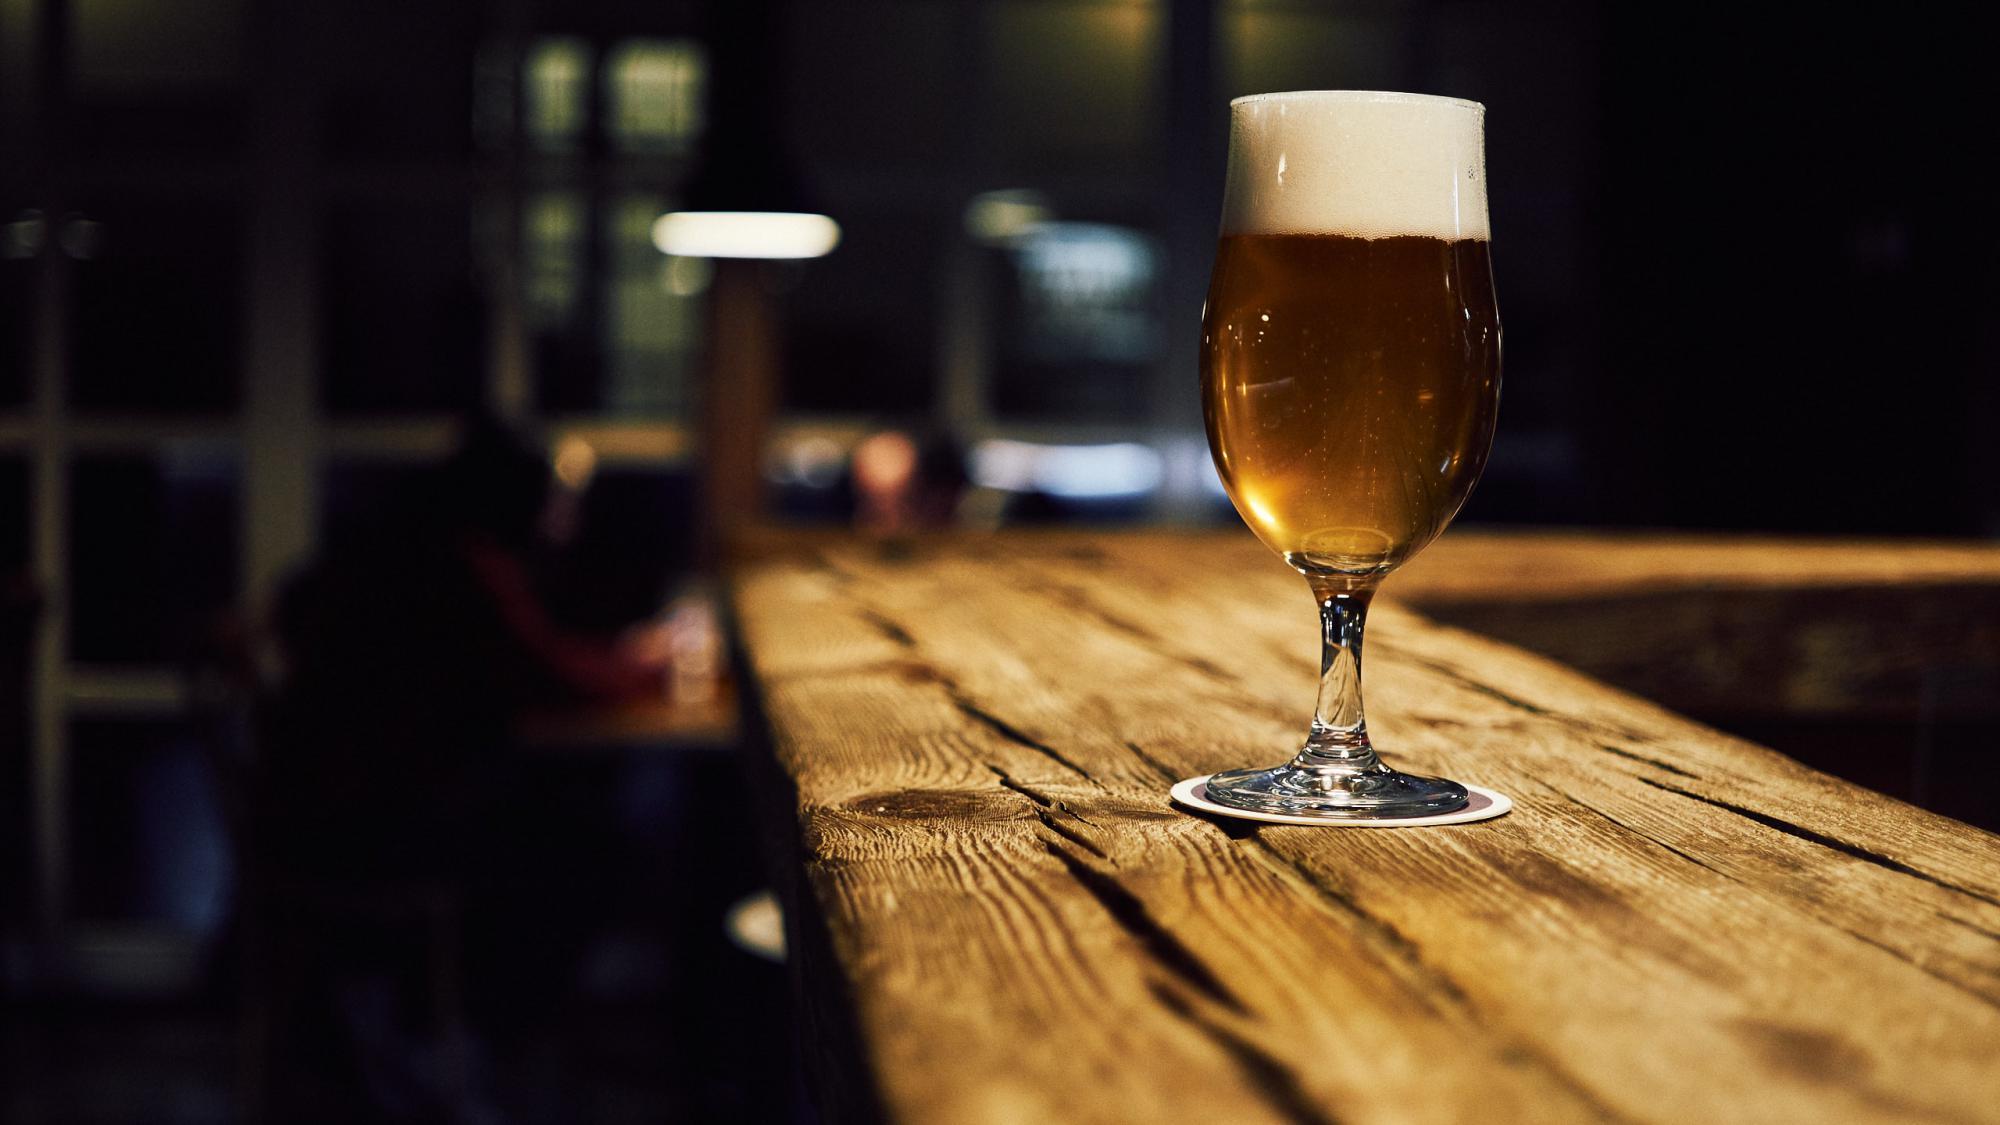 お洒落なカウンターとオーガニックビール